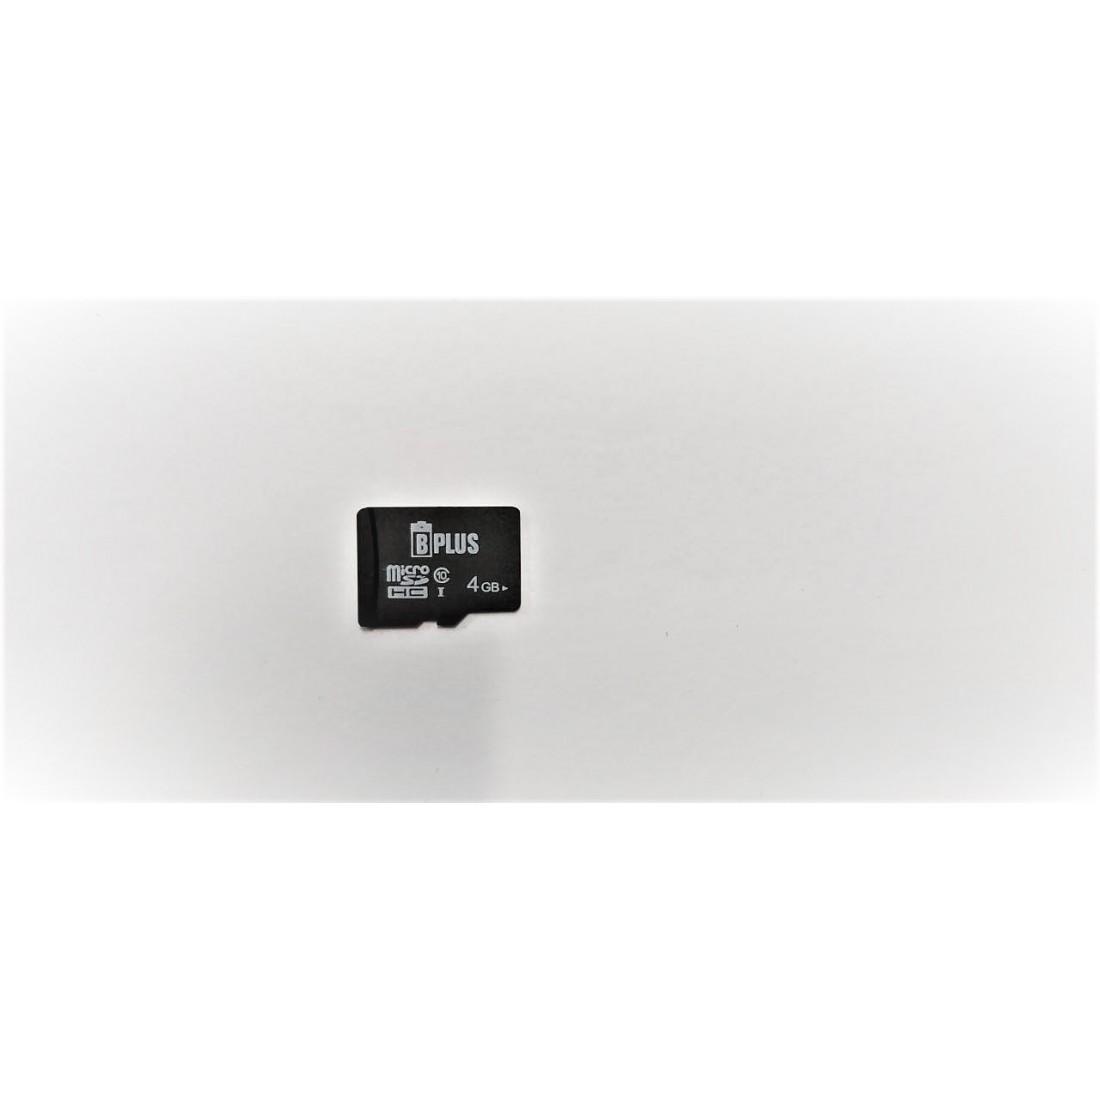 Карта памяти 4 gb micro sd B+plus 10 class SD adapter оптом